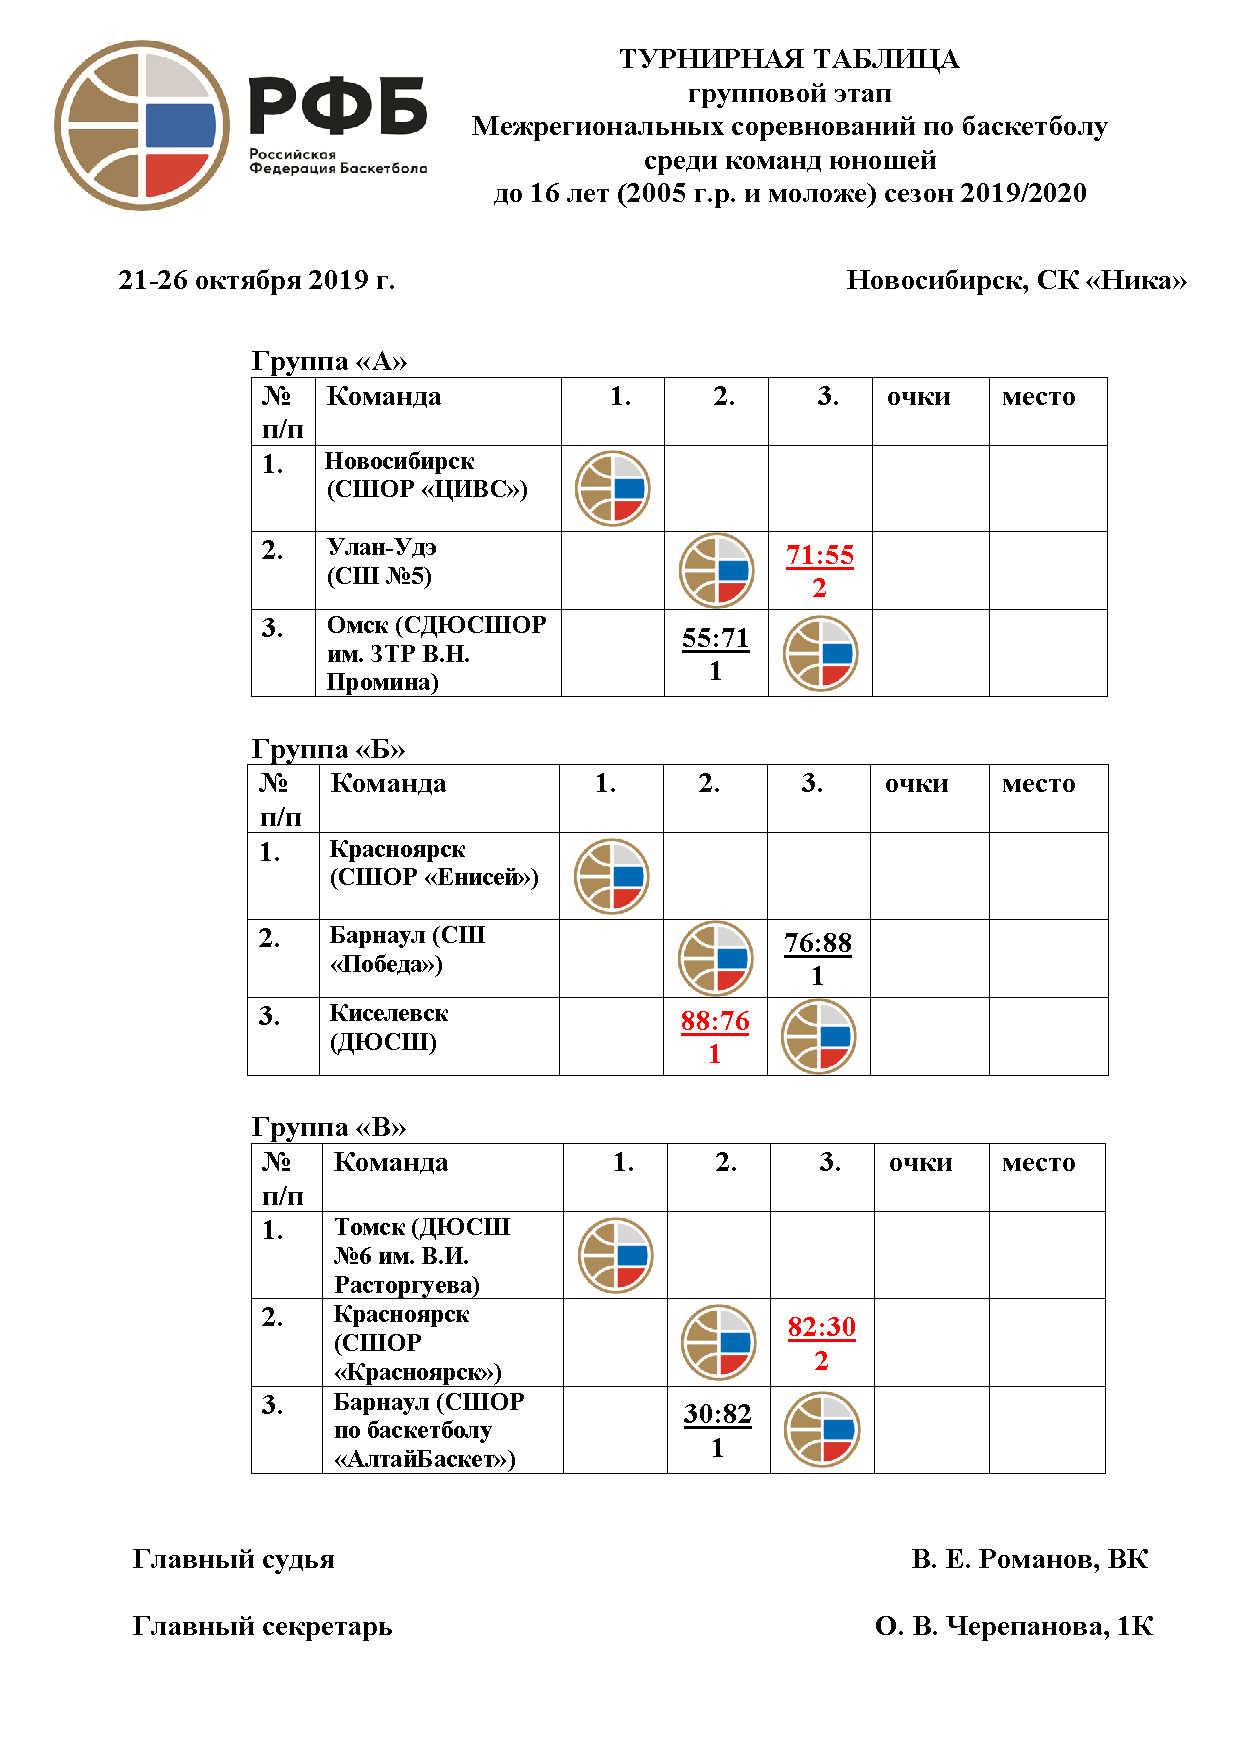 Итоги 1-го игрового дня группового этапа.